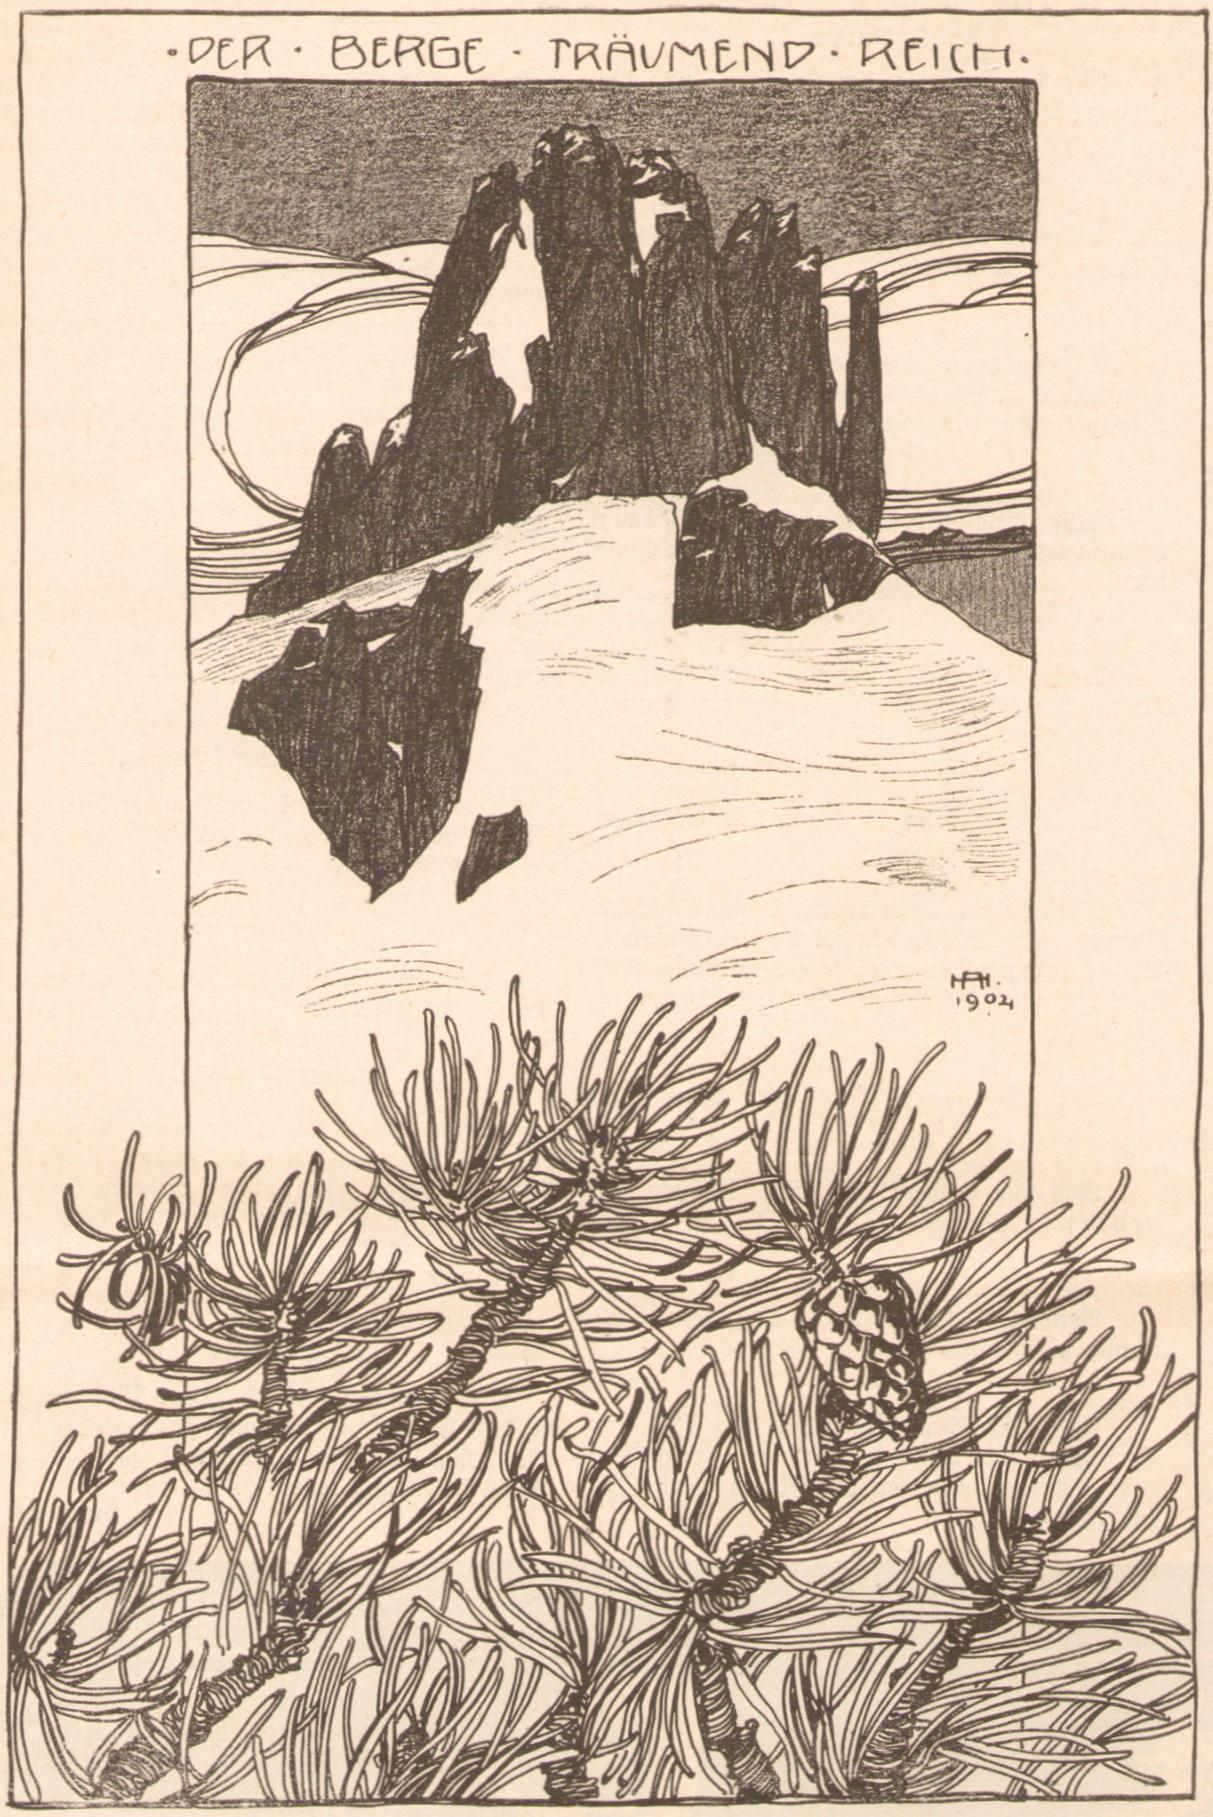 Adalbert Holzer - Der Berge traeumend Reich 1904p.jpg